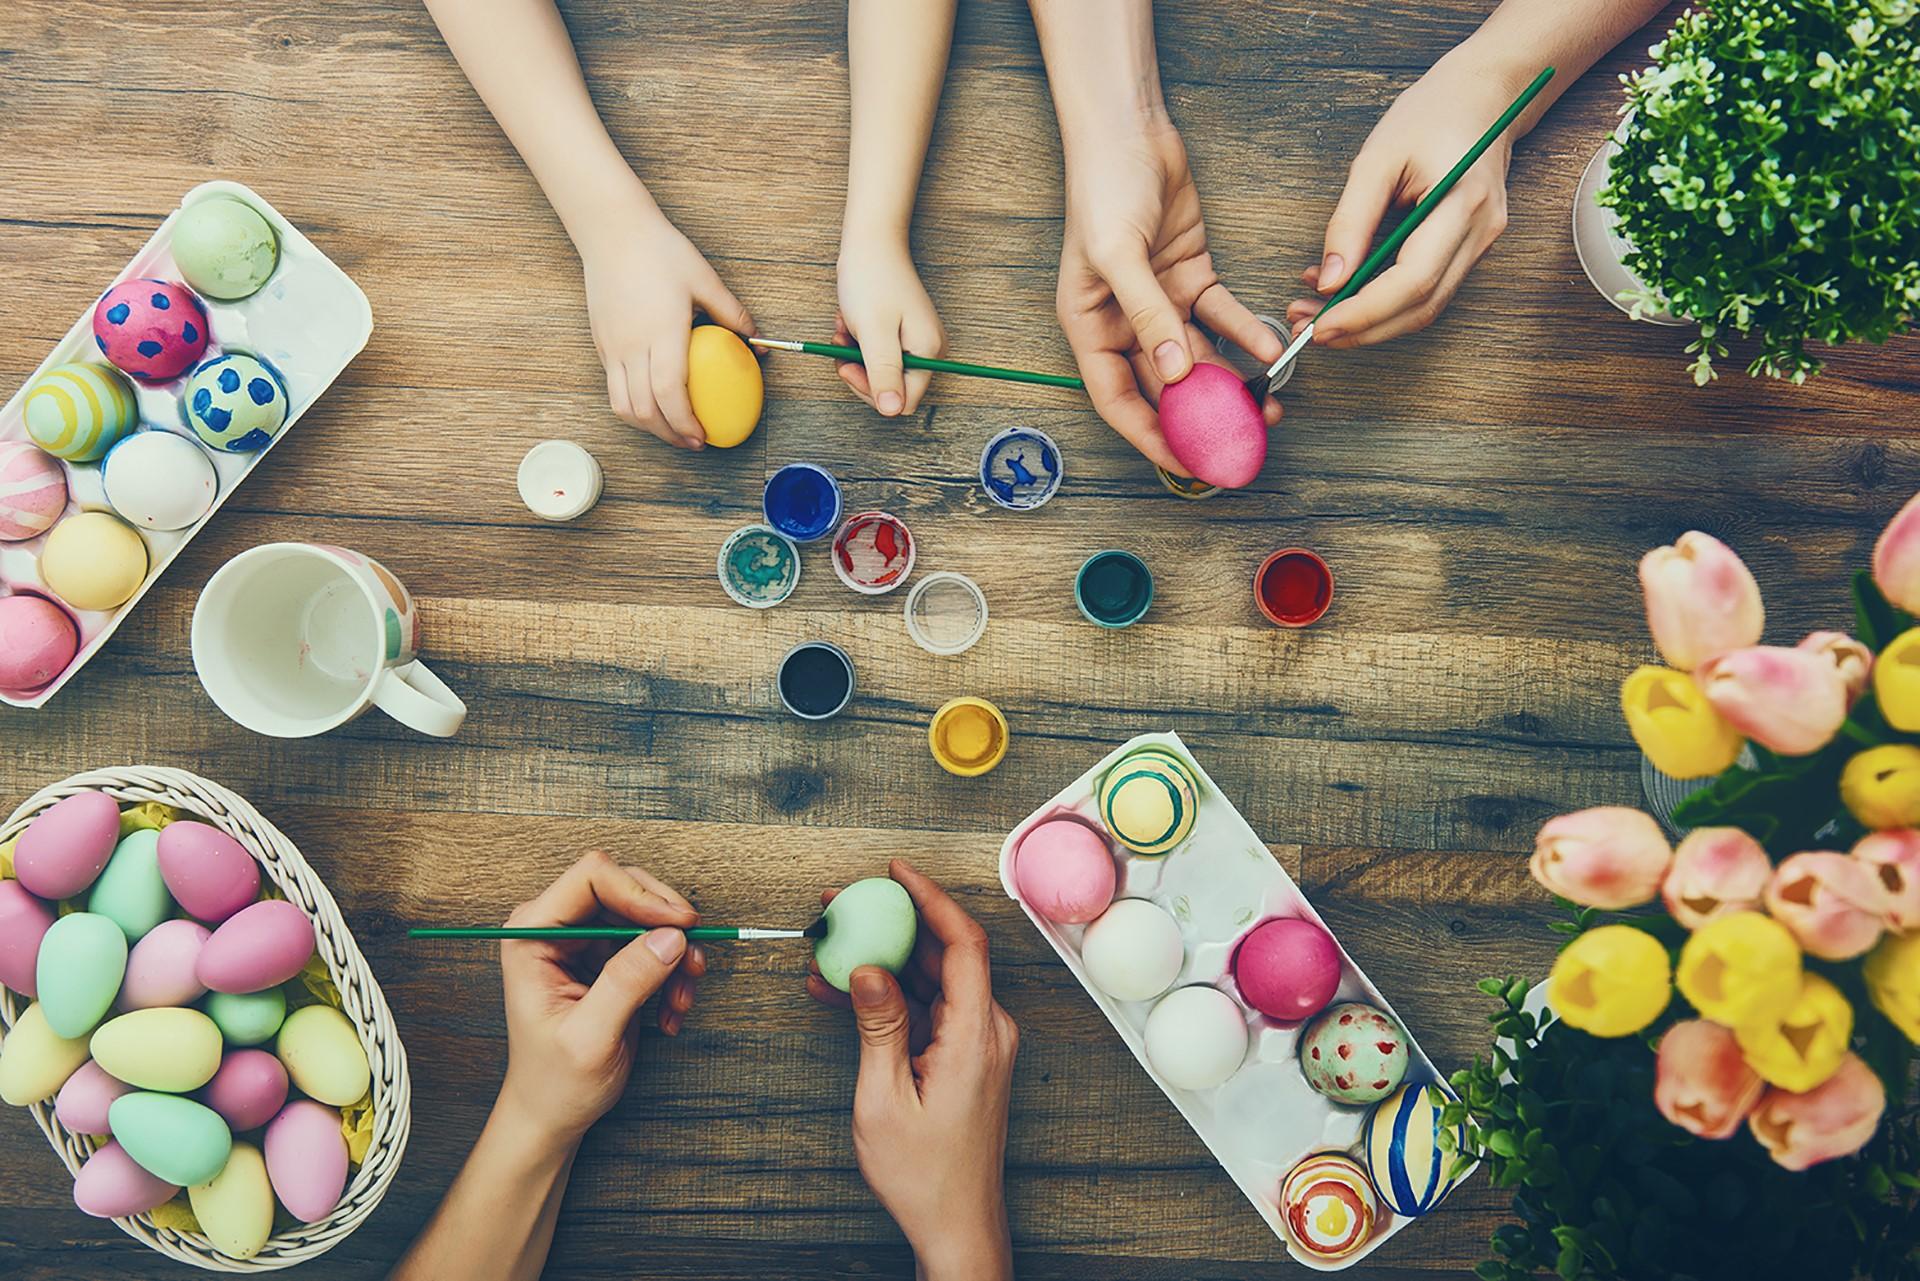 Déco de Pâques facile à réaliser : oeufs multicolores.